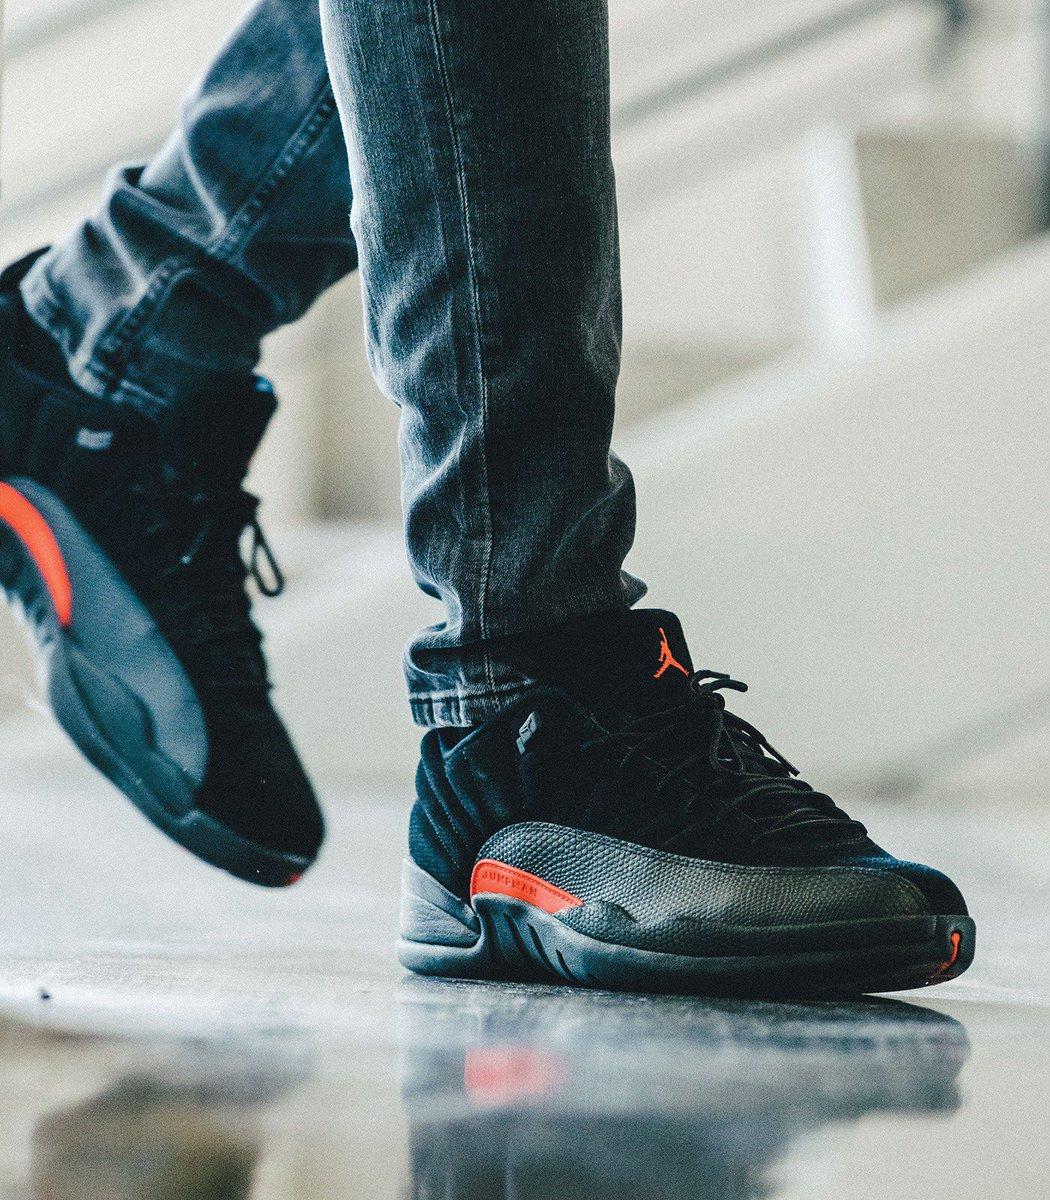 af478891aa7bfd Air Jordan Max 12 Air Jordan Release Dates